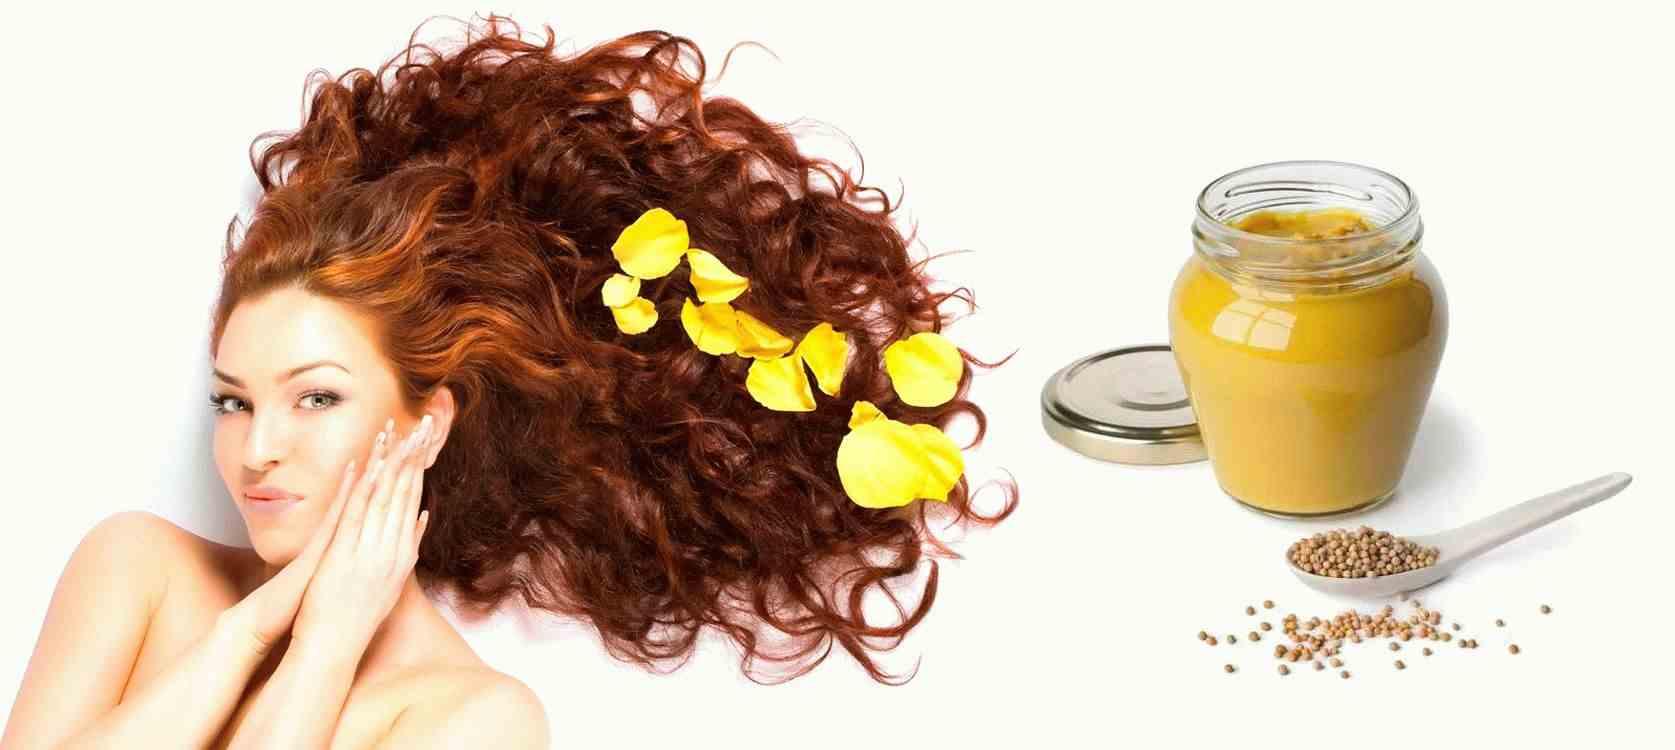 Маски для роста волос - топ 15 лучших - рецептов